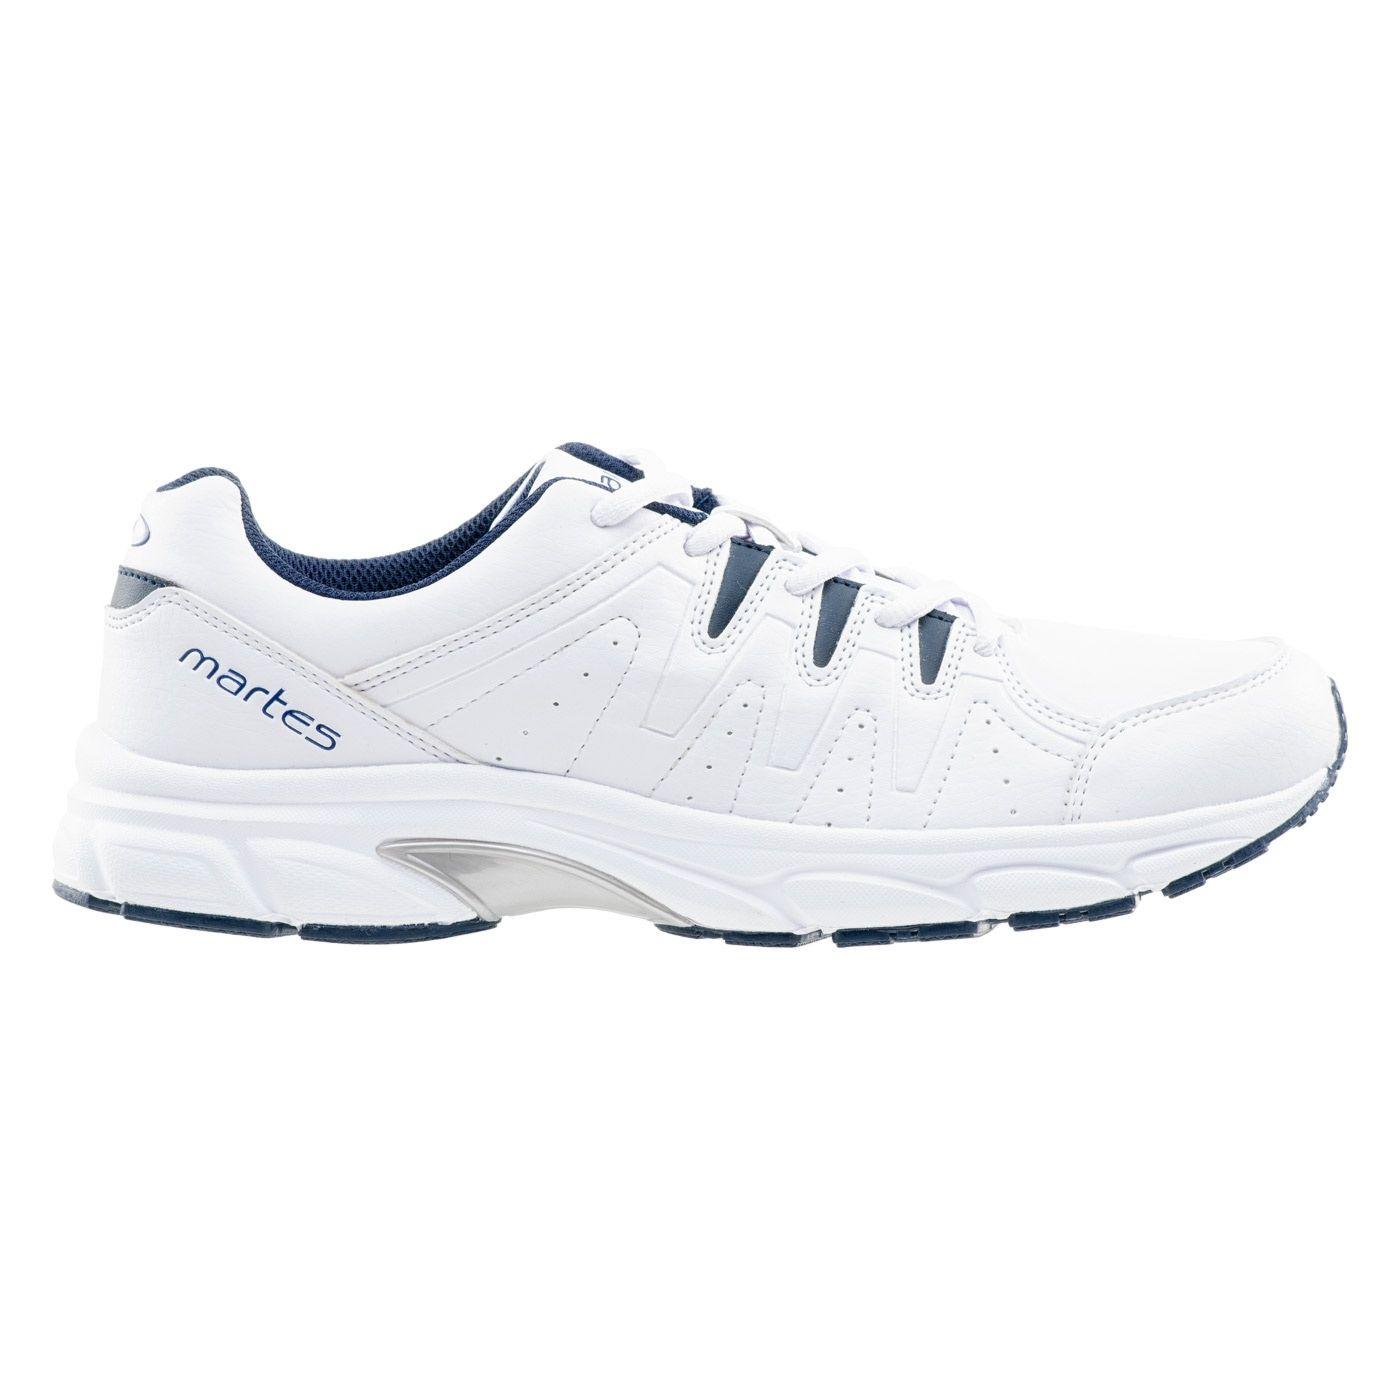 buty sportowe z otworami wentylacyjnymi męskie